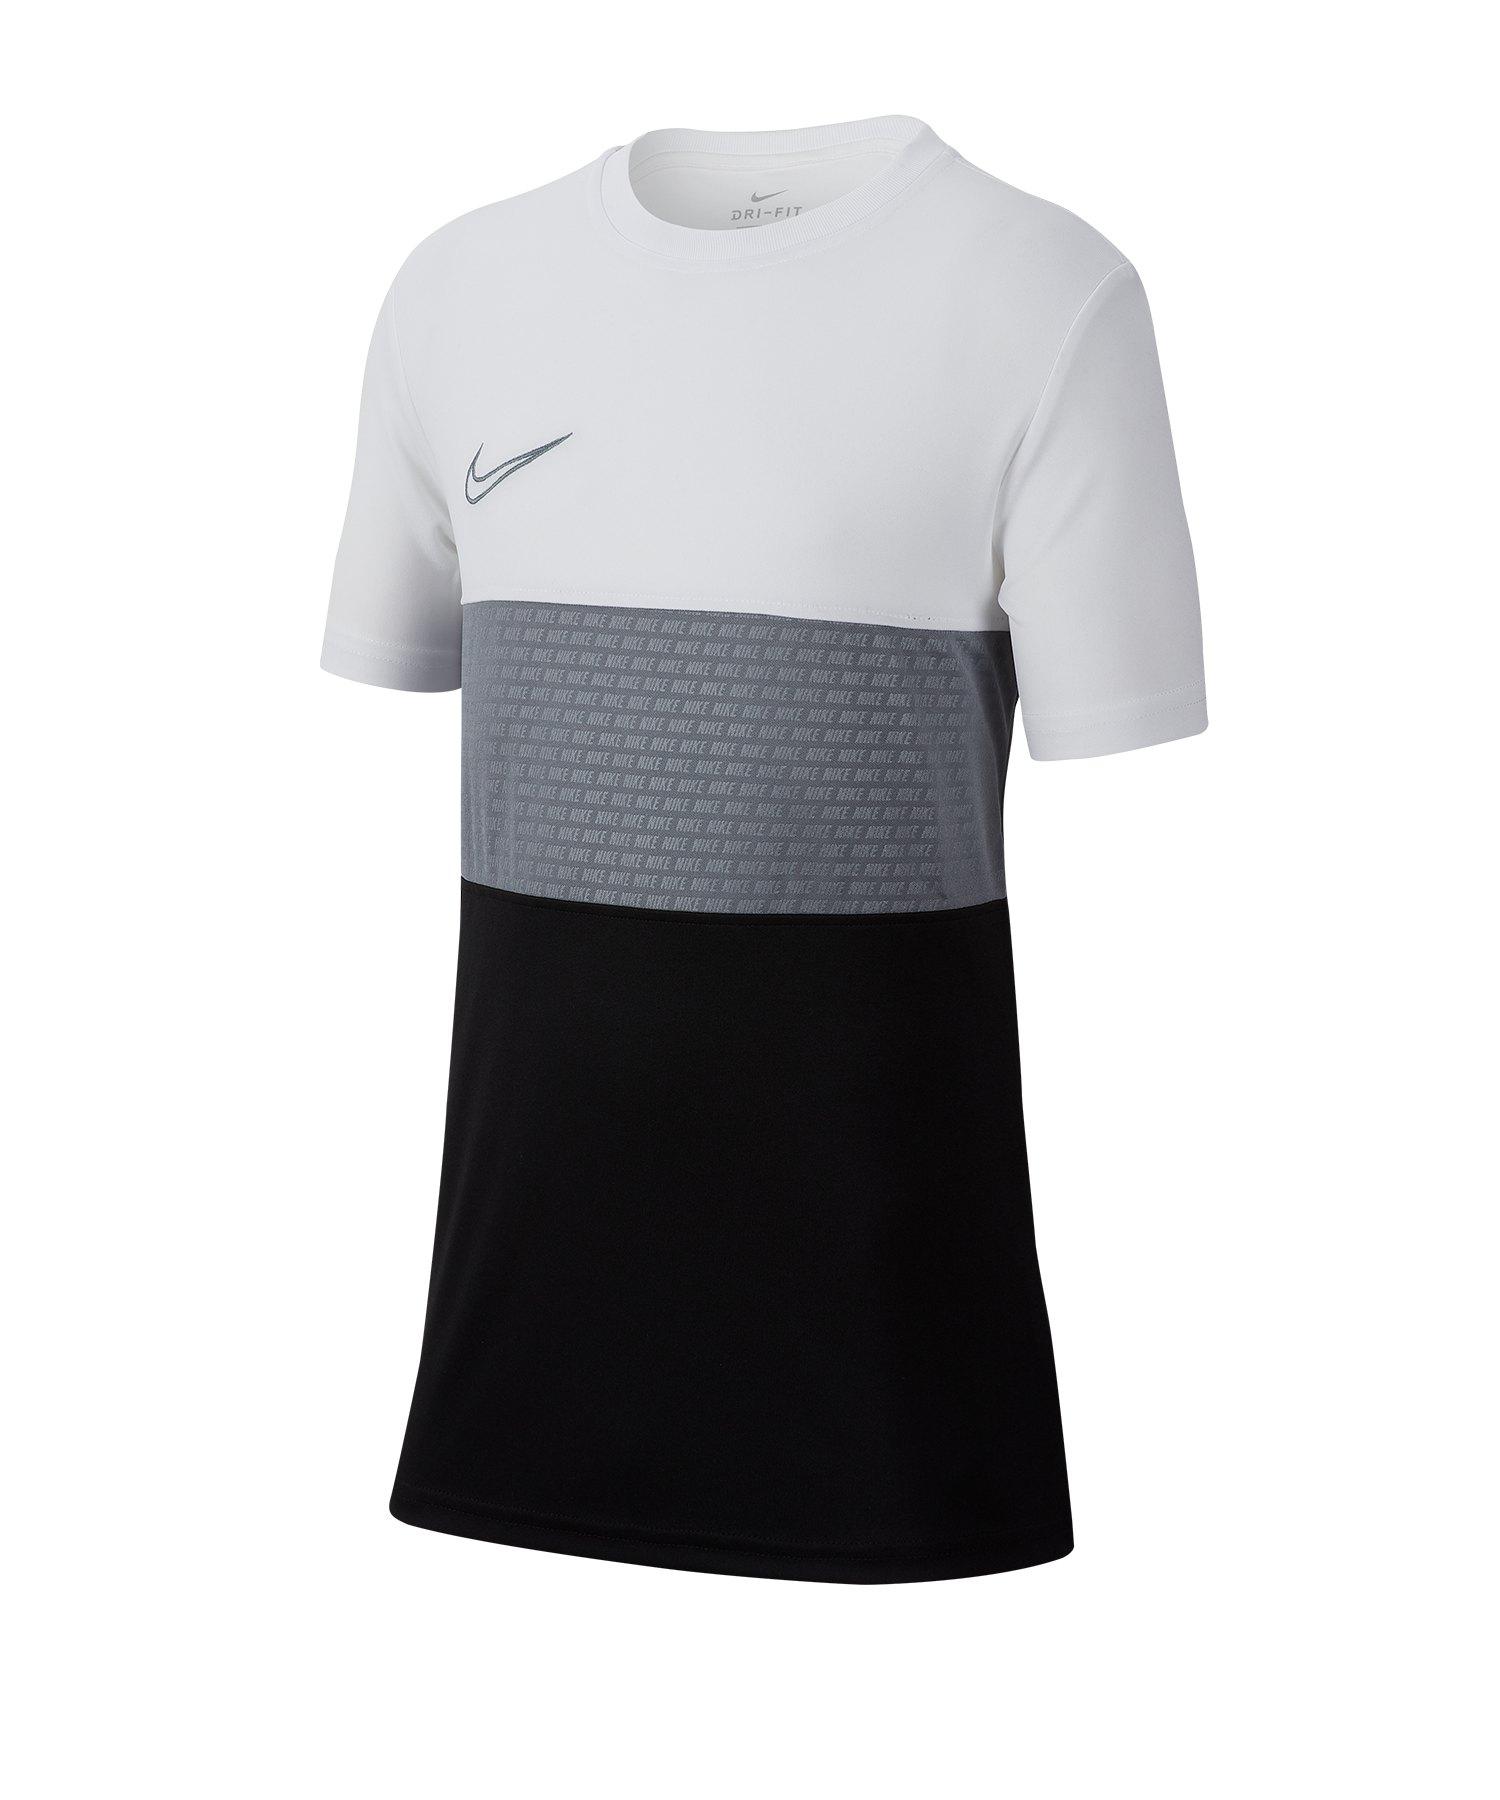 Nike Dri-FIT Academy Tee T-Shirt Kids Weiss F102 - Weiss